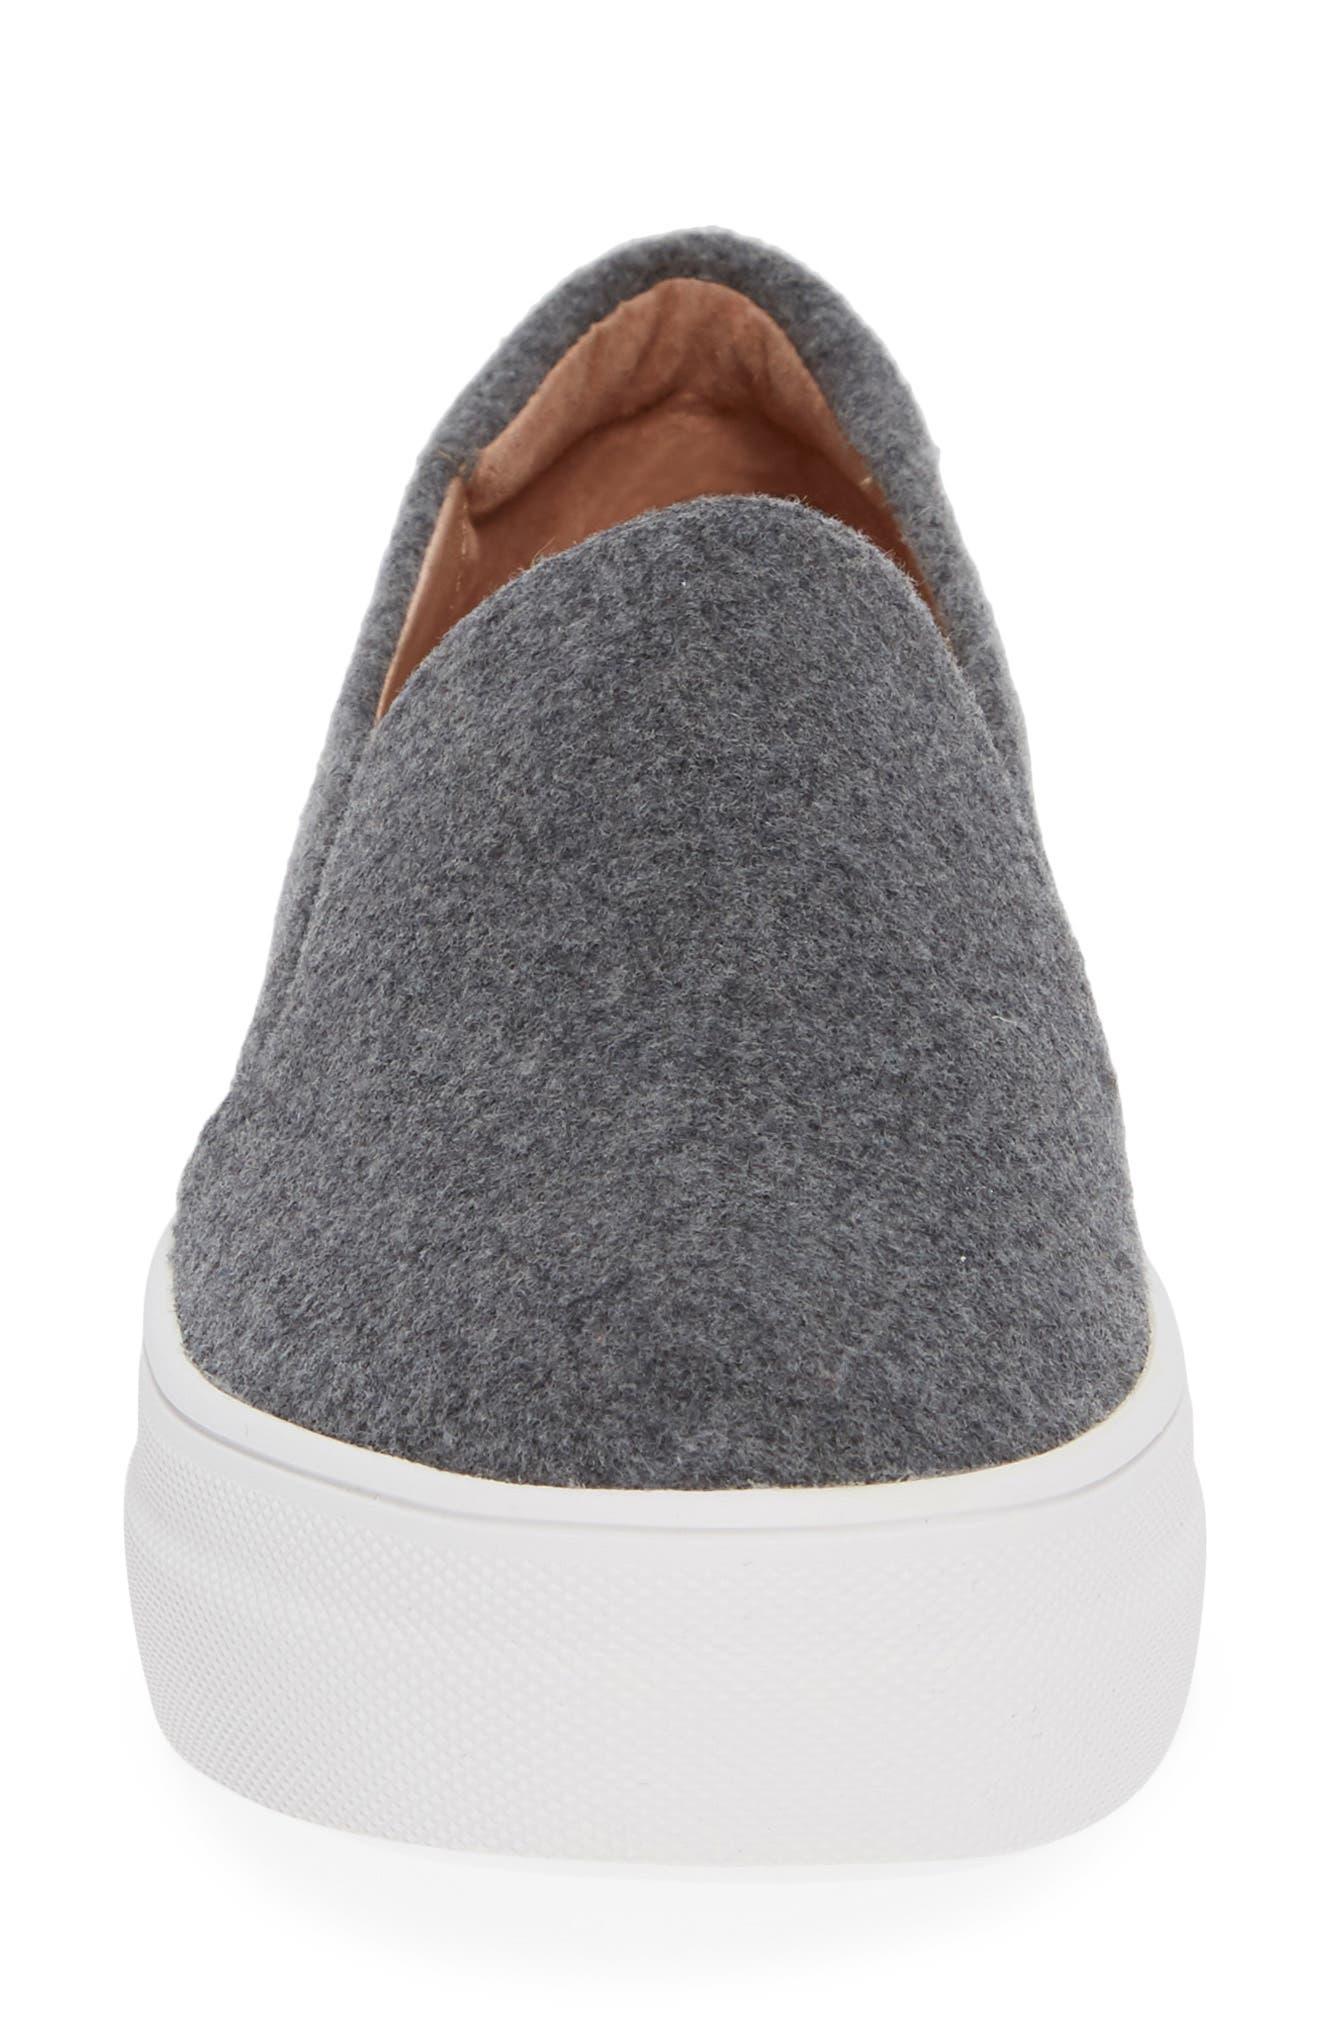 Alden Slip-On Sneaker,                             Alternate thumbnail 4, color,                             Stone Boiled Wool